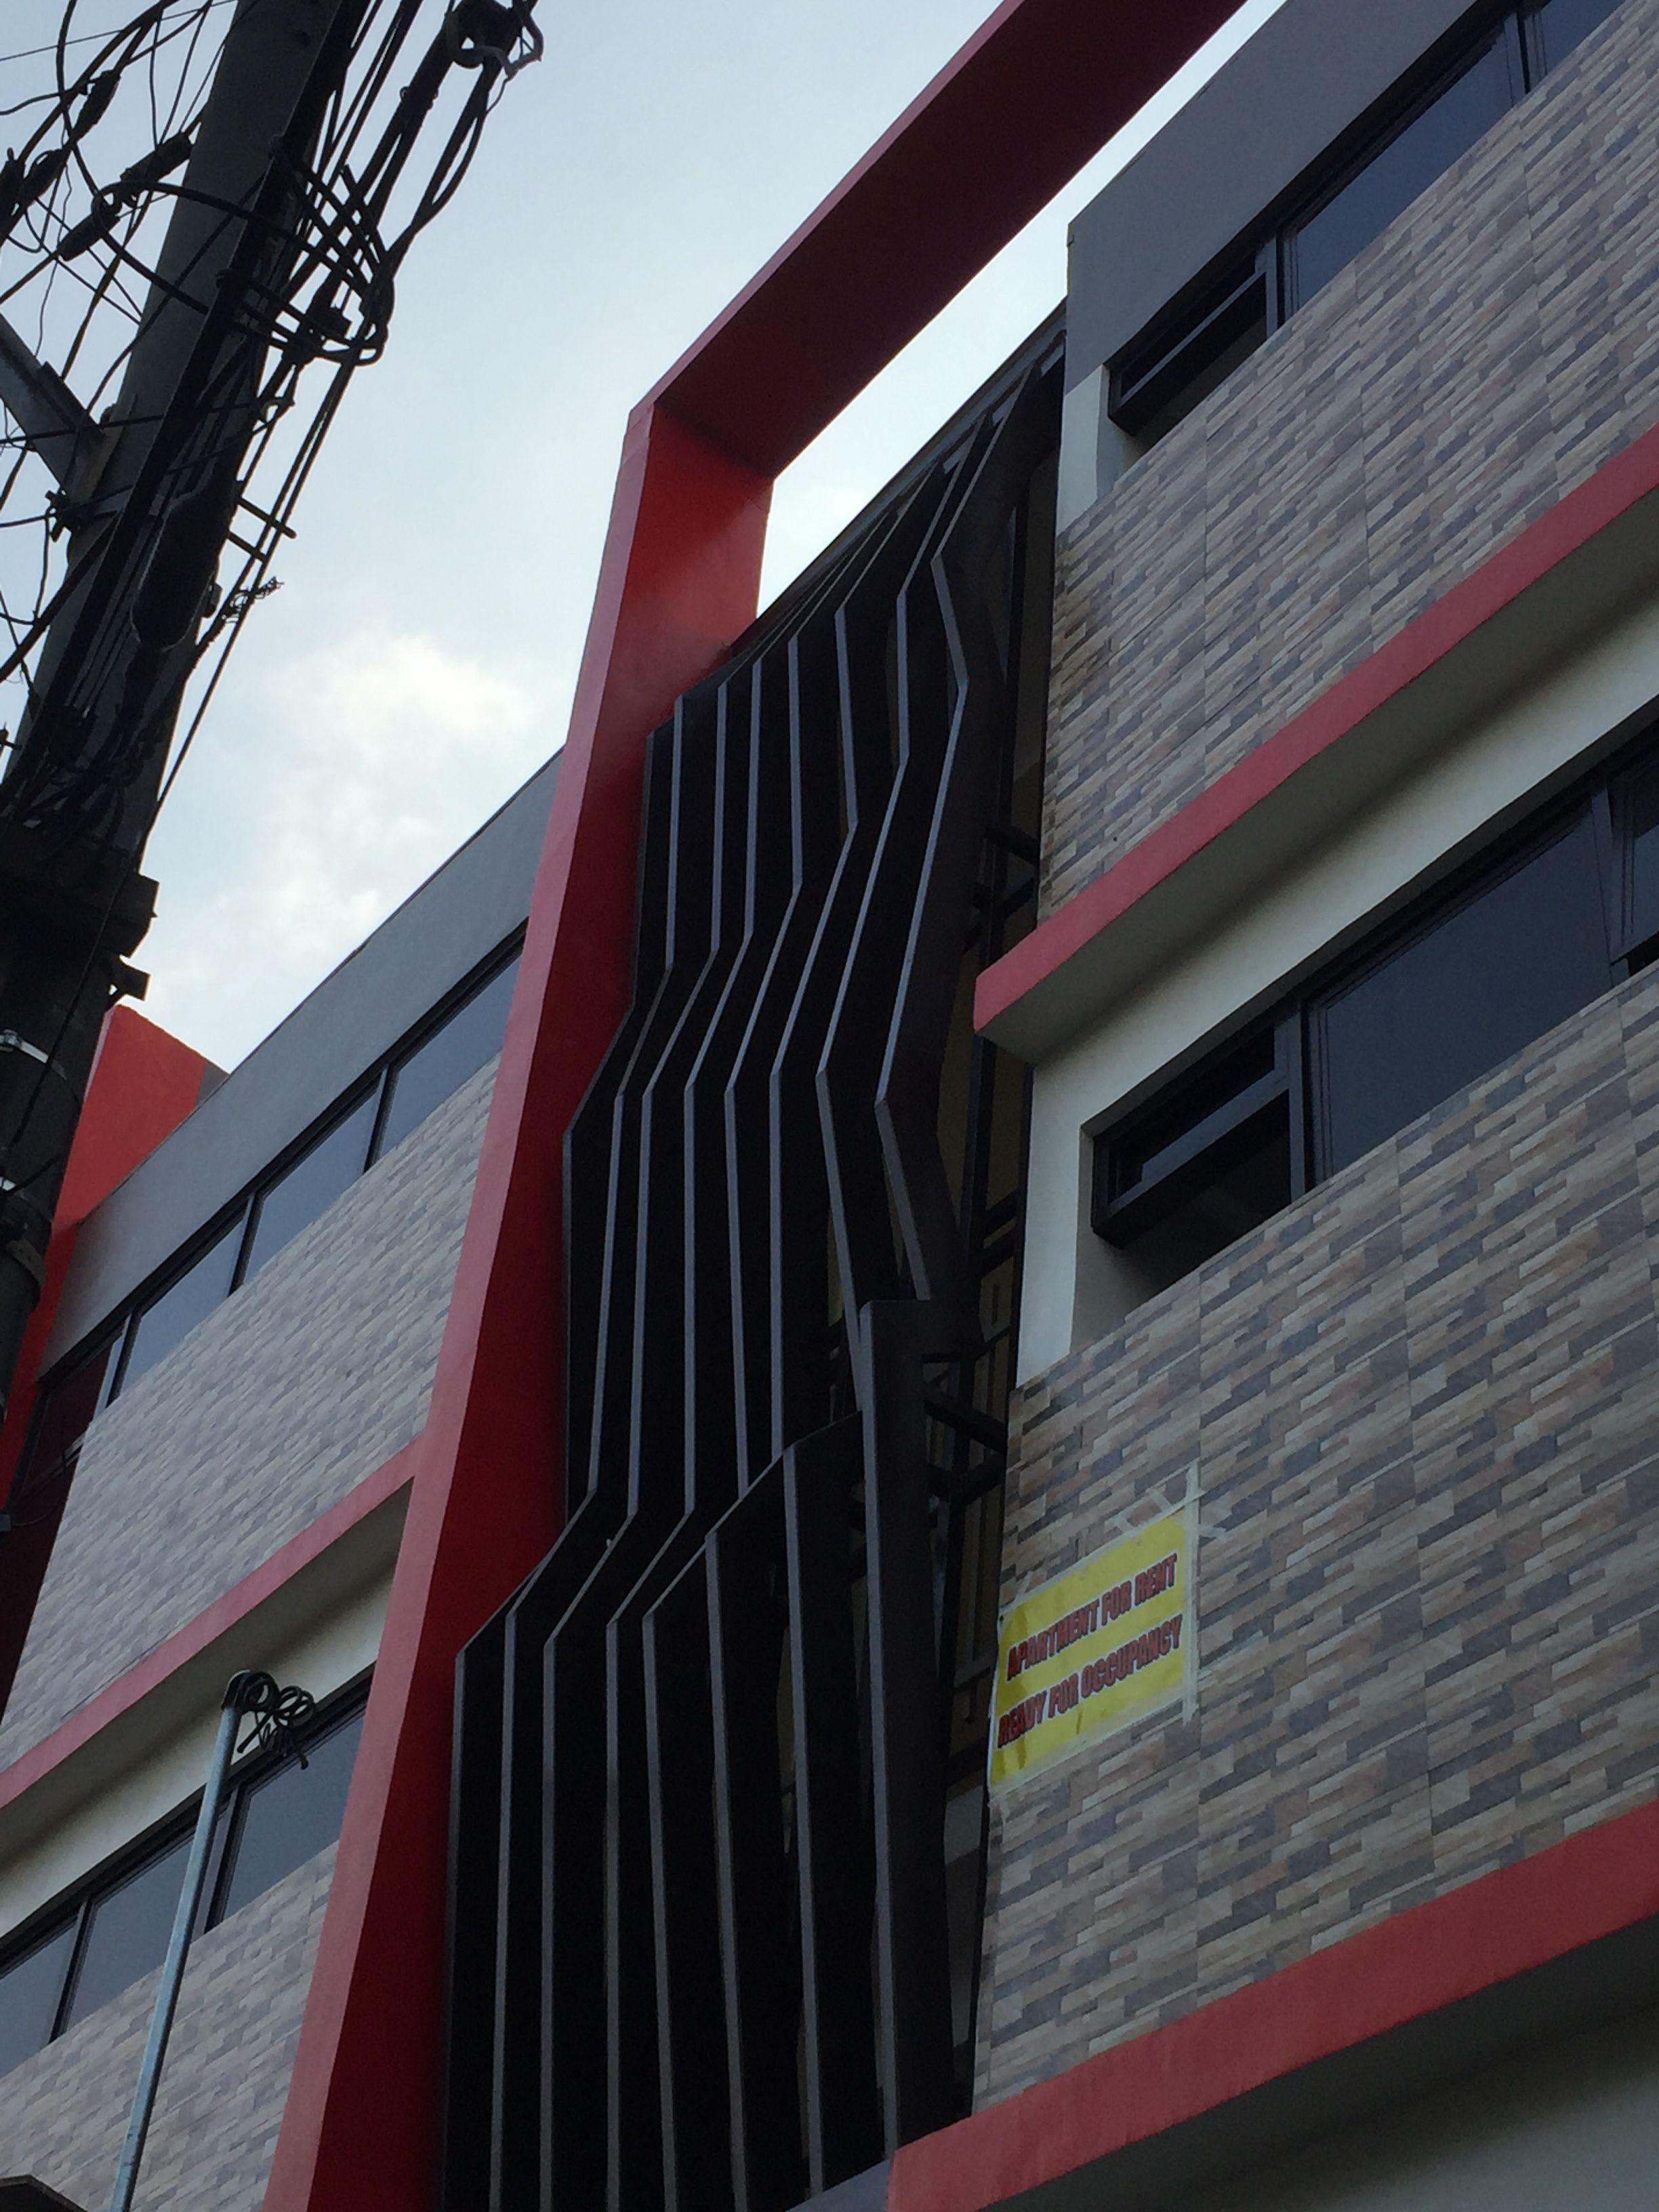 Parametric facade in Caloocan Manila Philippines